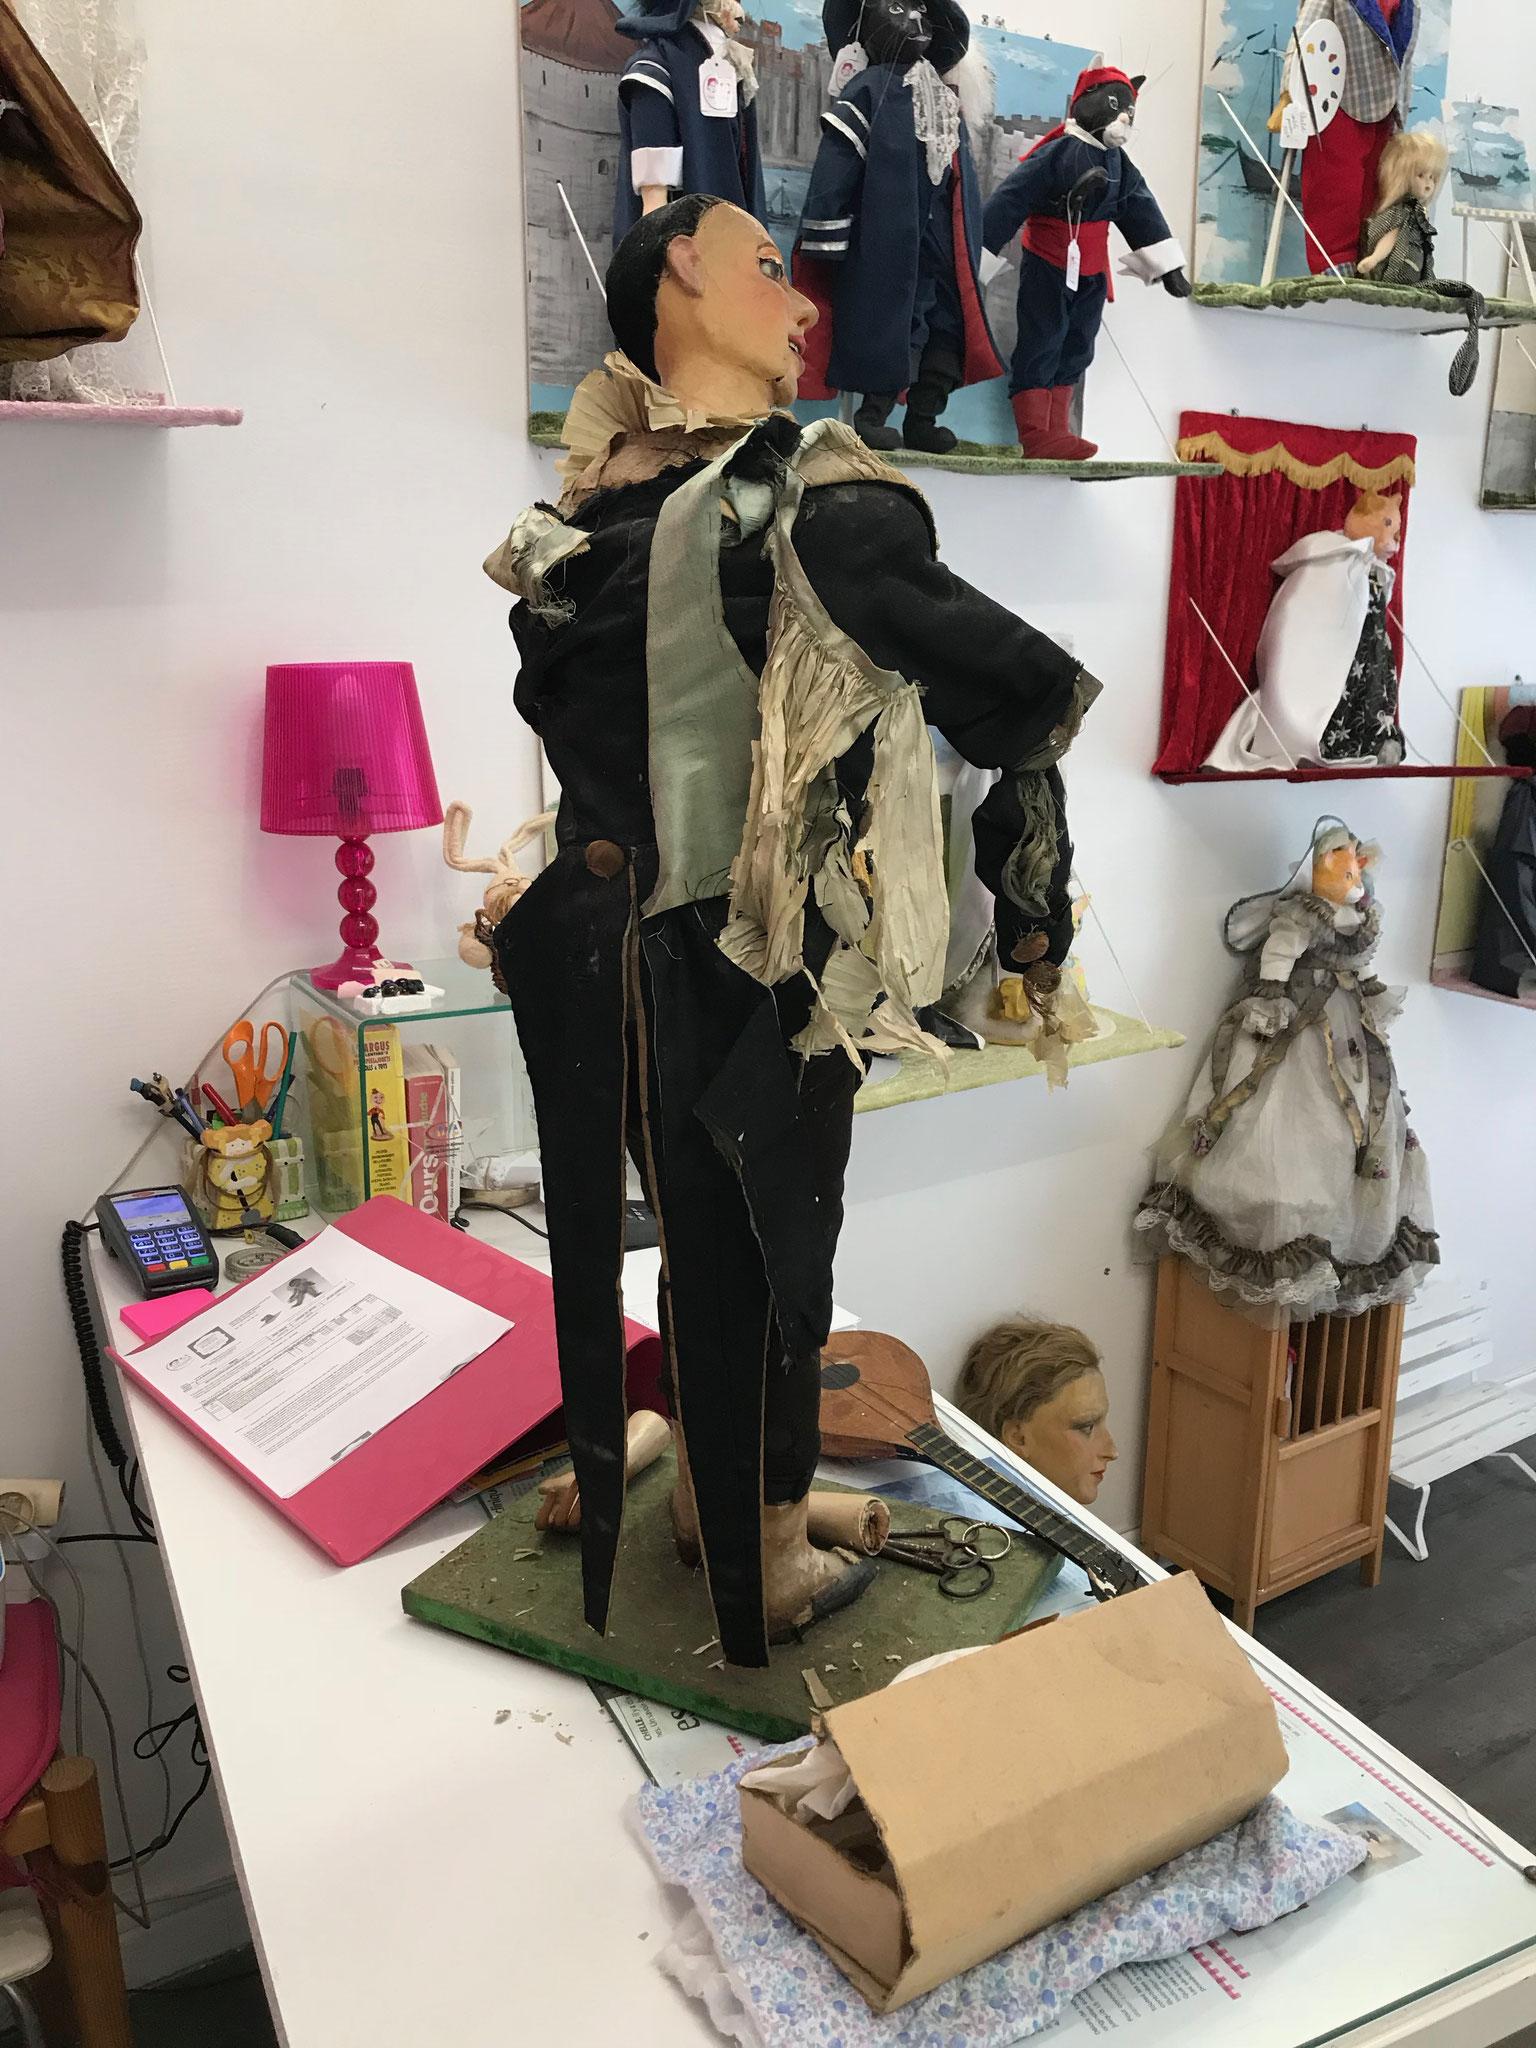 1/Arrivée L'automate Pierrot à La clinique des poupées à Bordeaux www.reparation-poupees-ours.fr